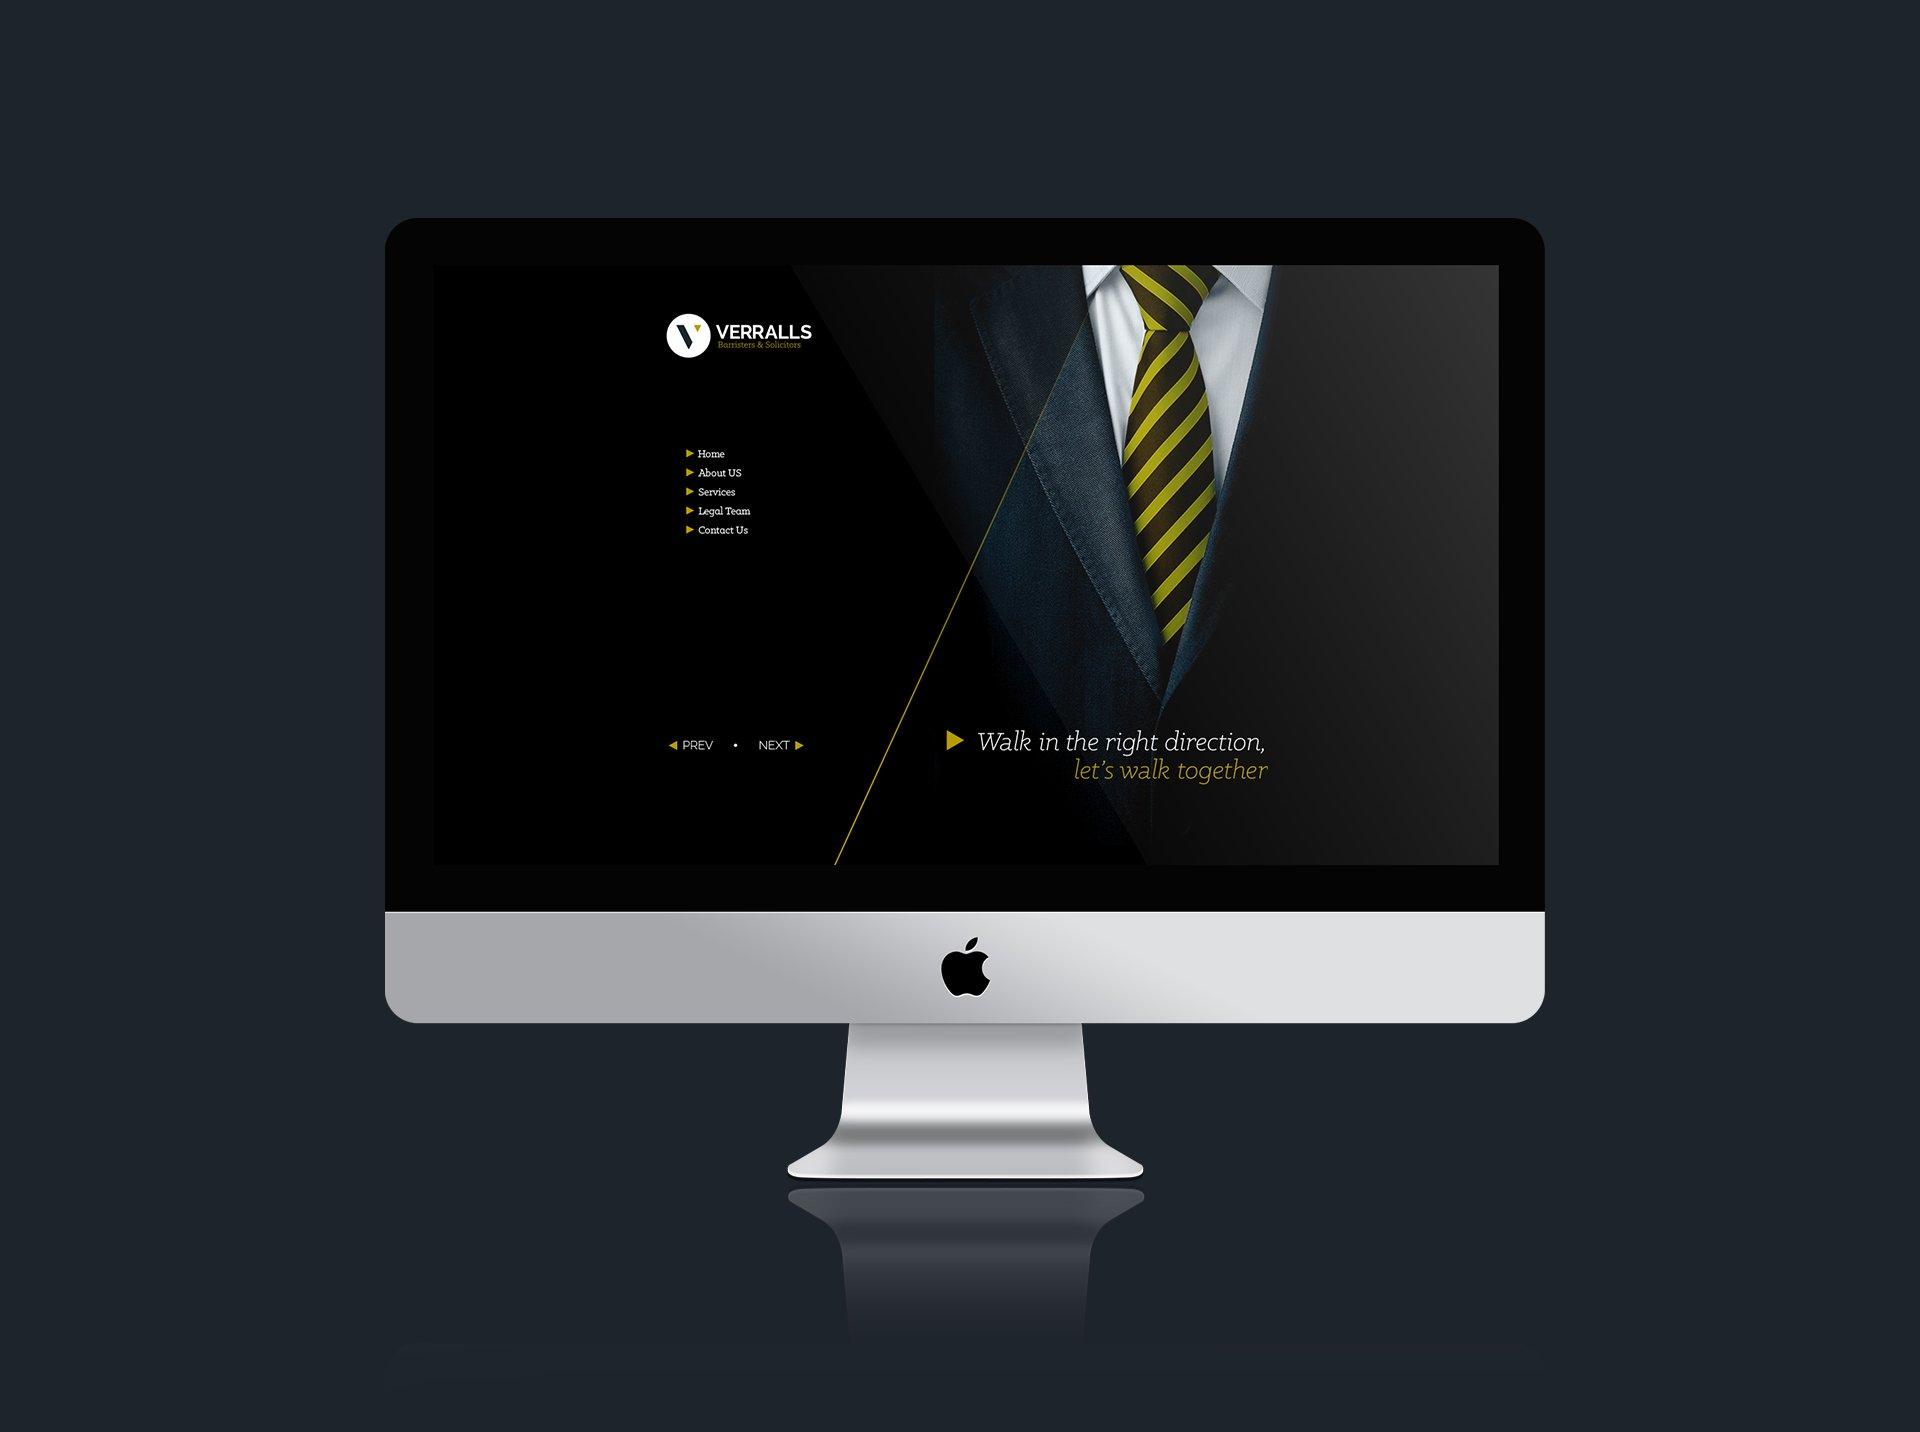 diseño-web-verralls